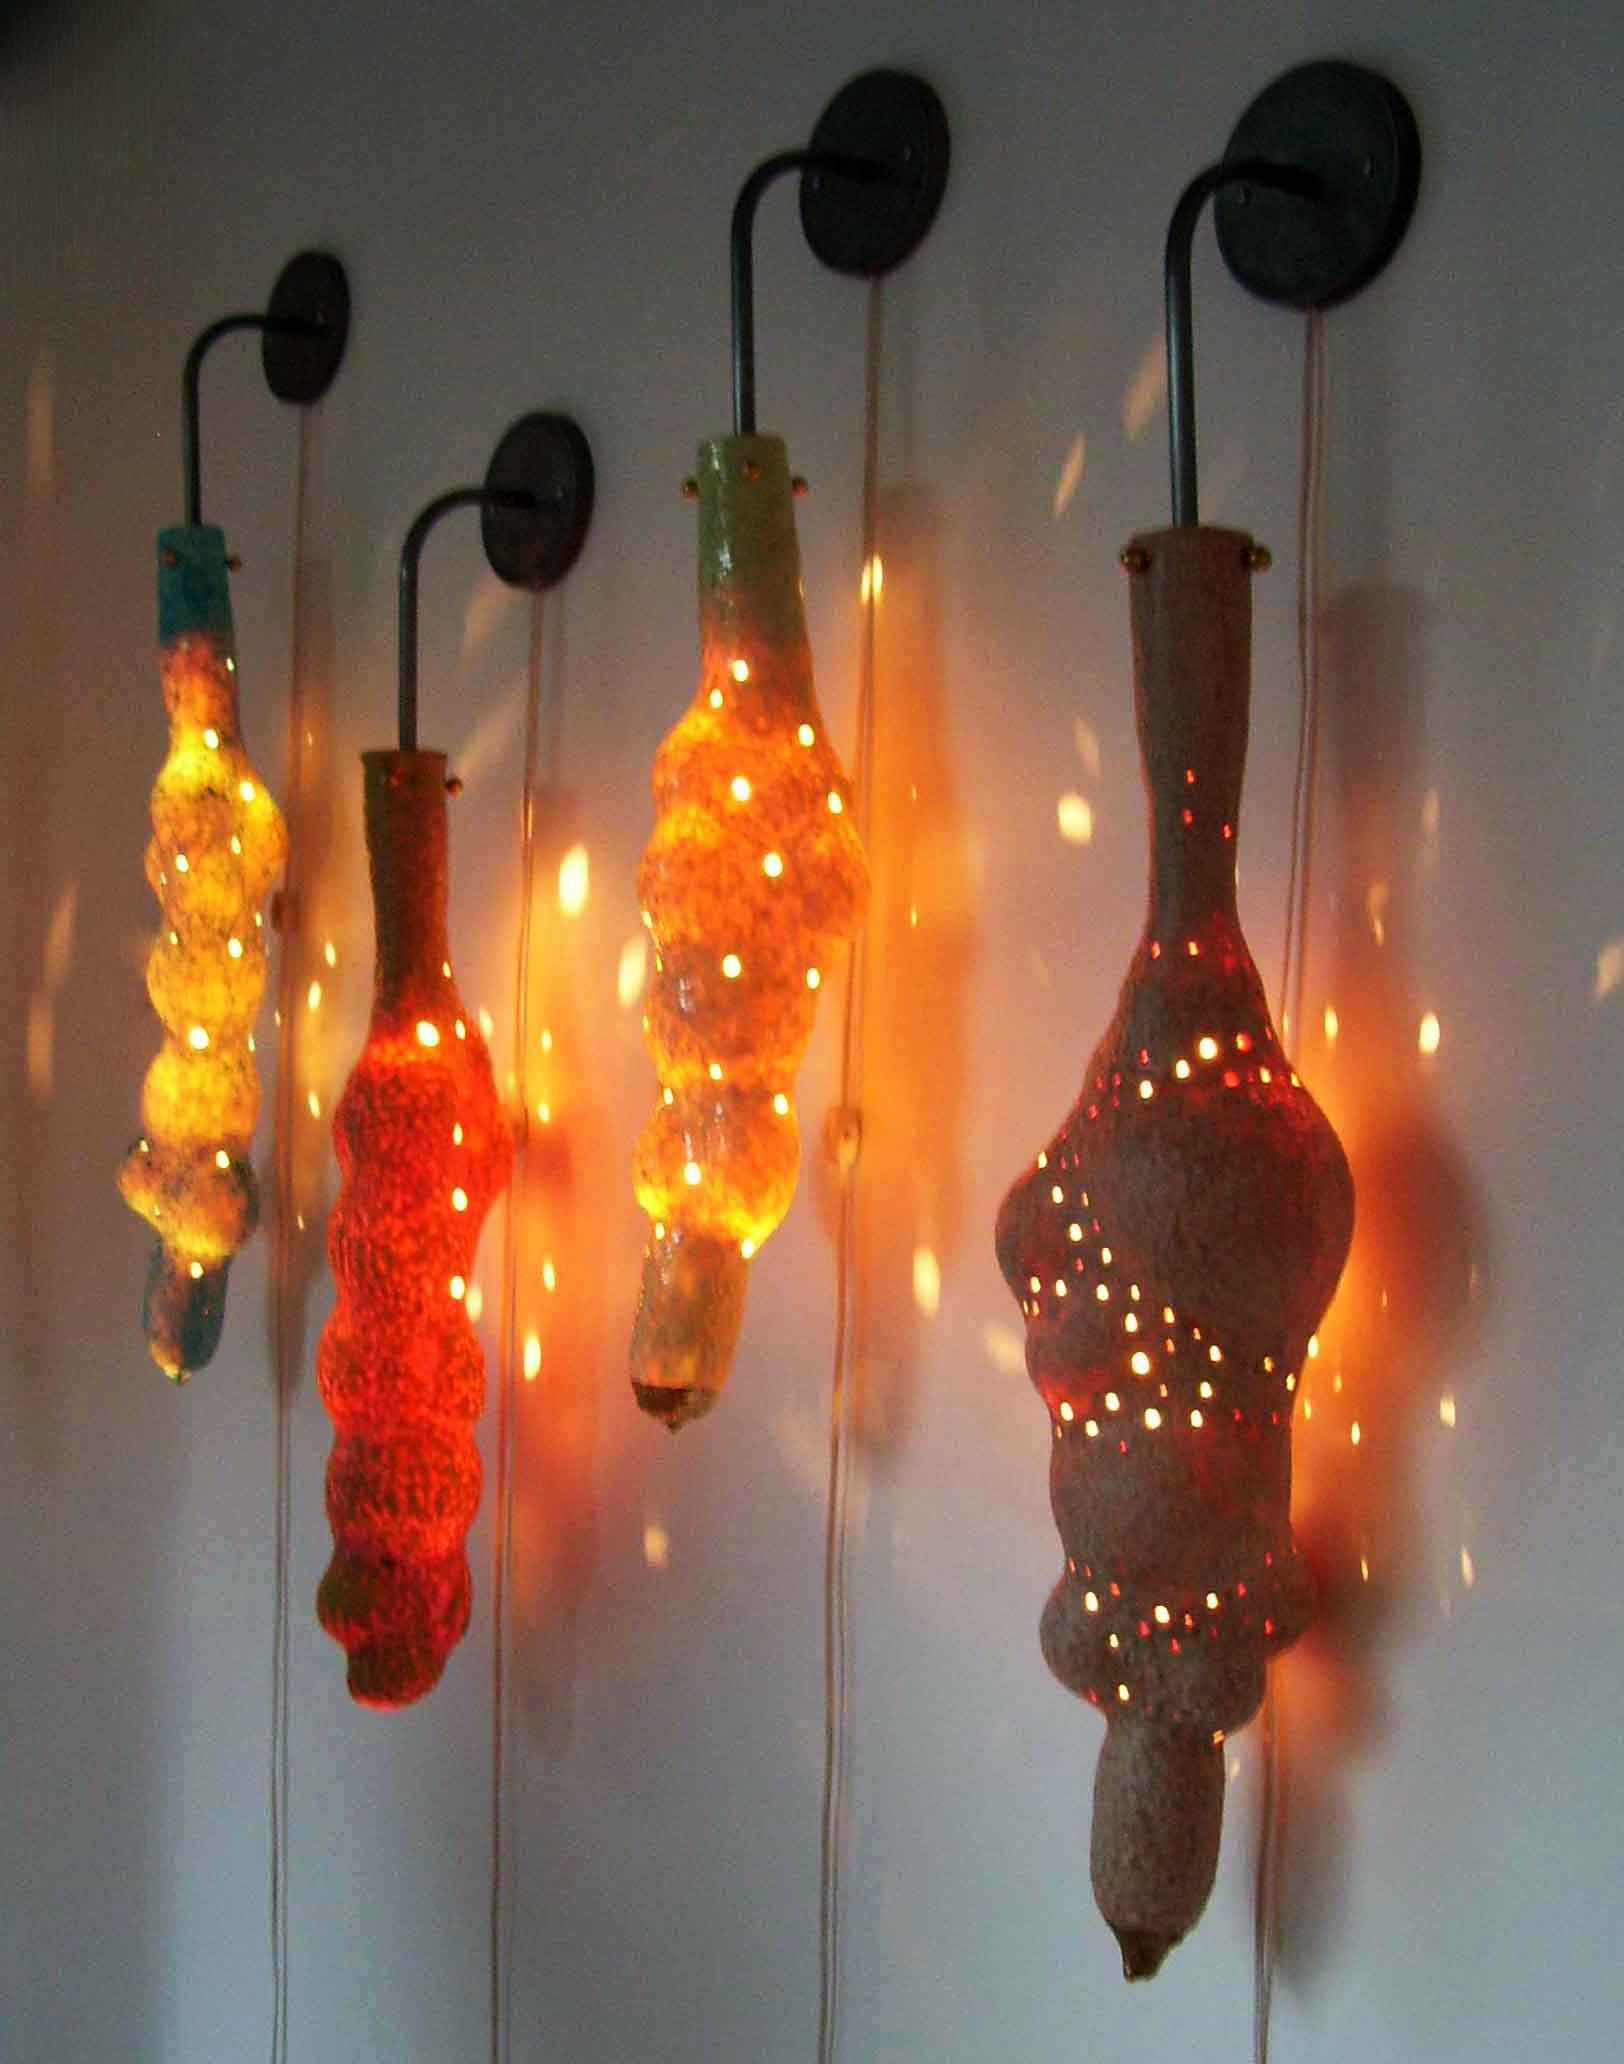 Illumination Installation